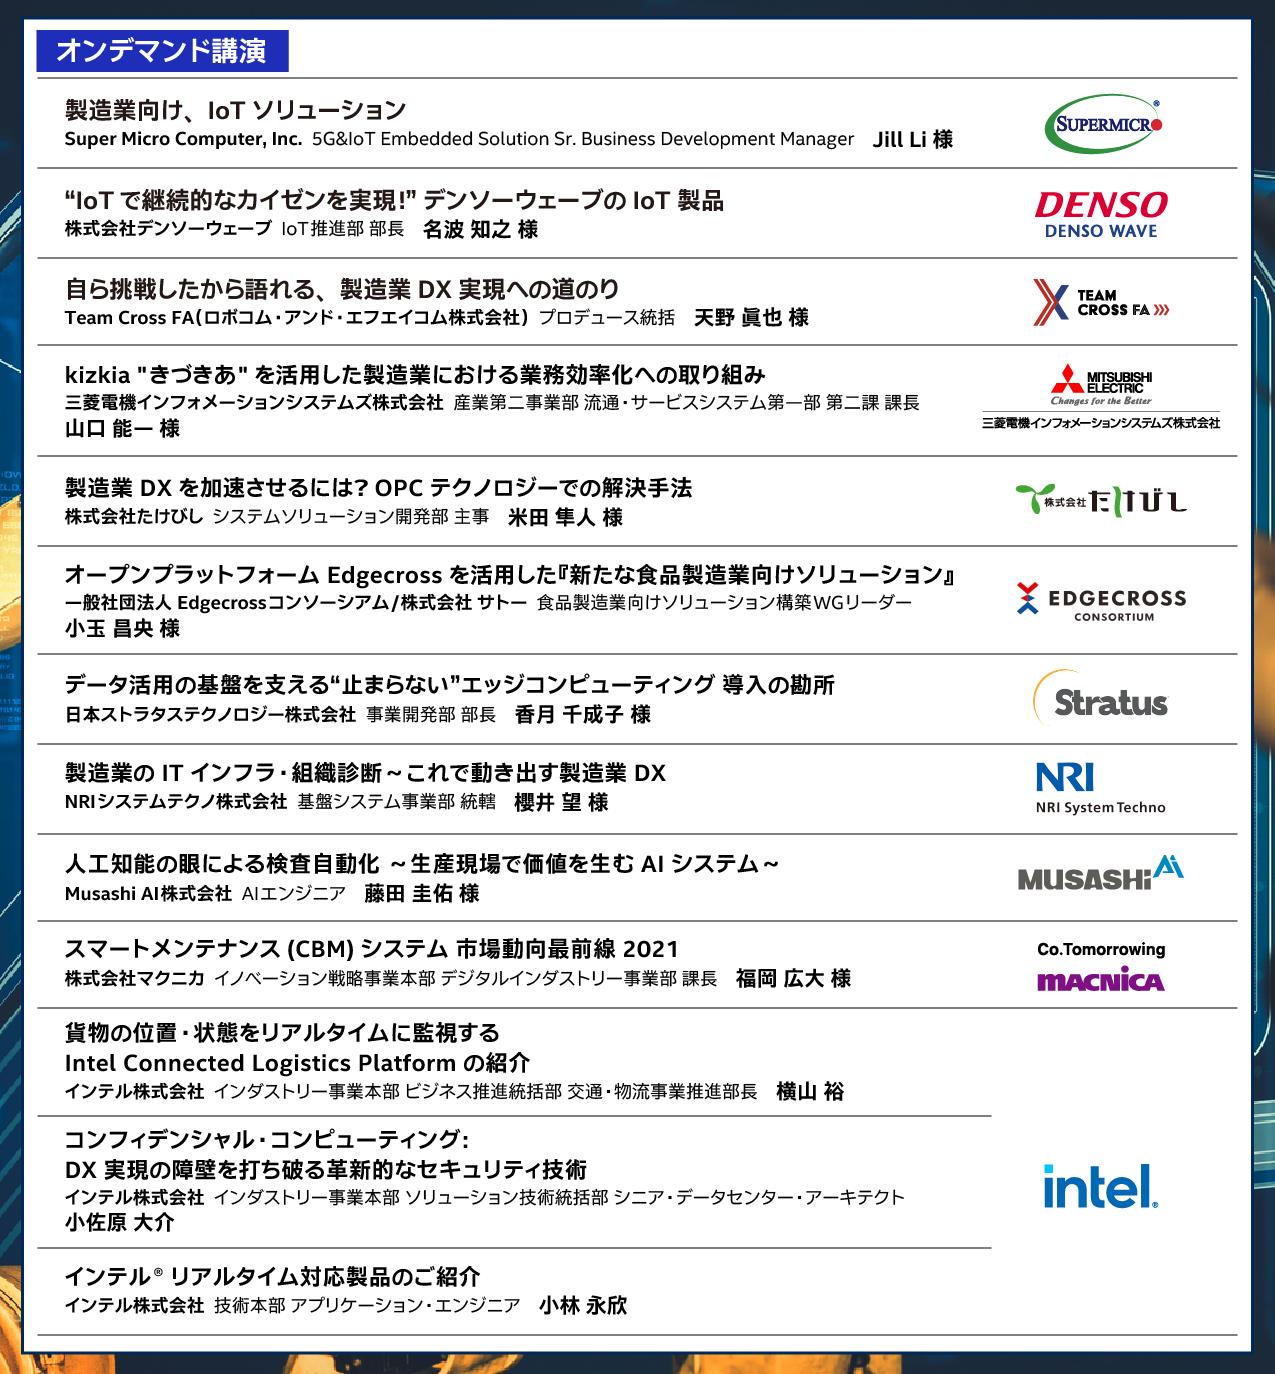 インテル製造フォーラム2021